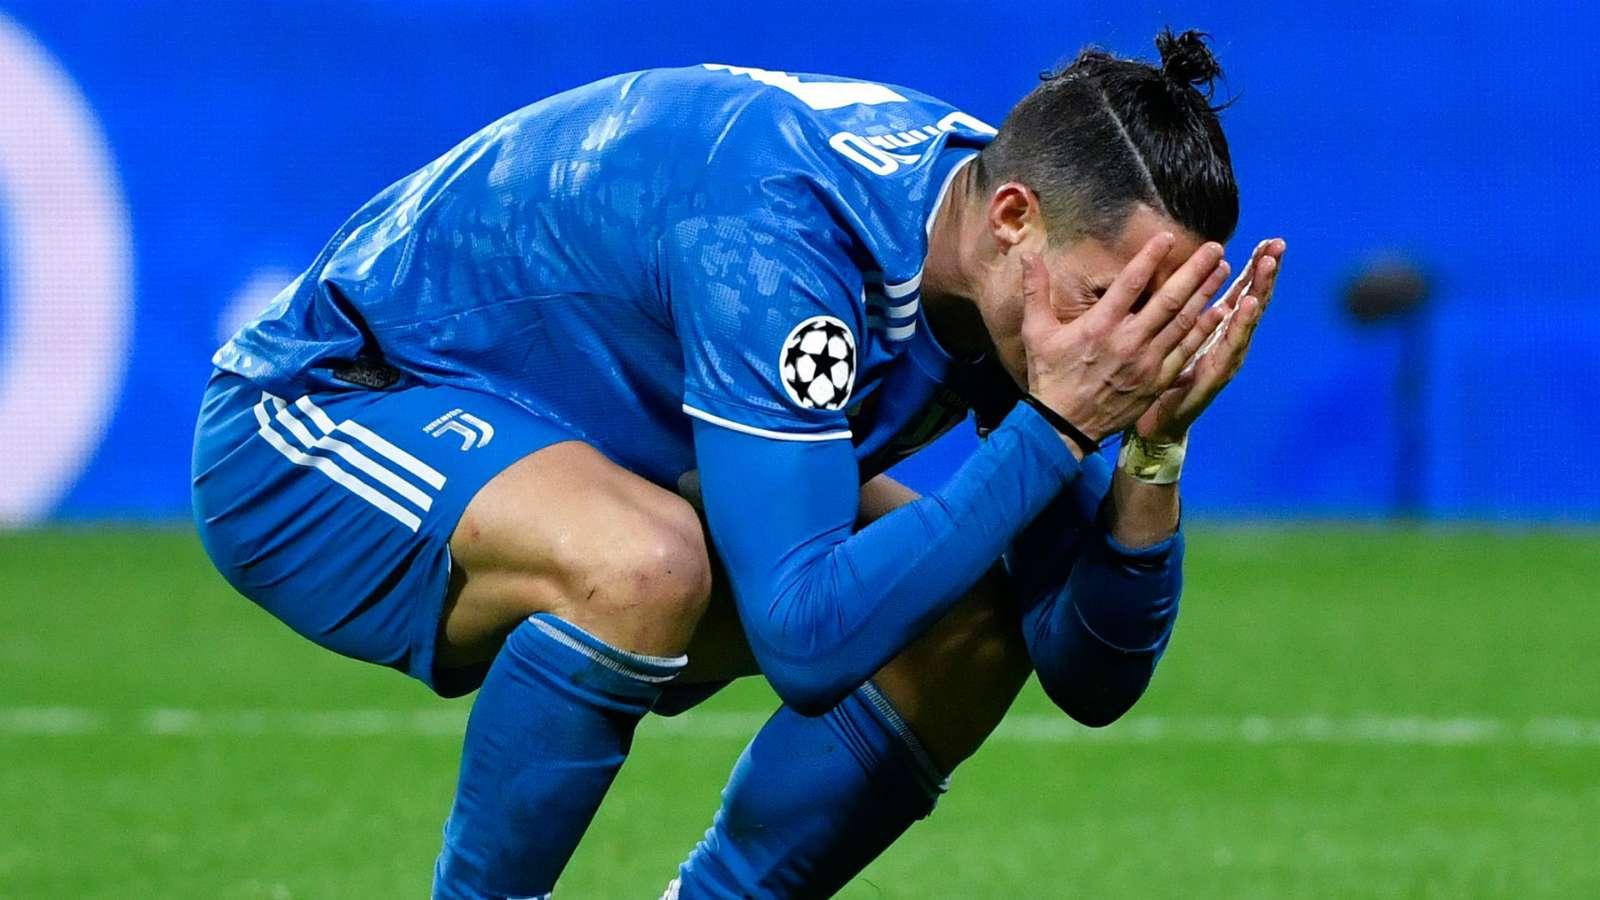 Lebih Baik Miralem Pjanic Jadi Eksekutor Tendangan Bebas Daripada Cristiano Ronaldo?